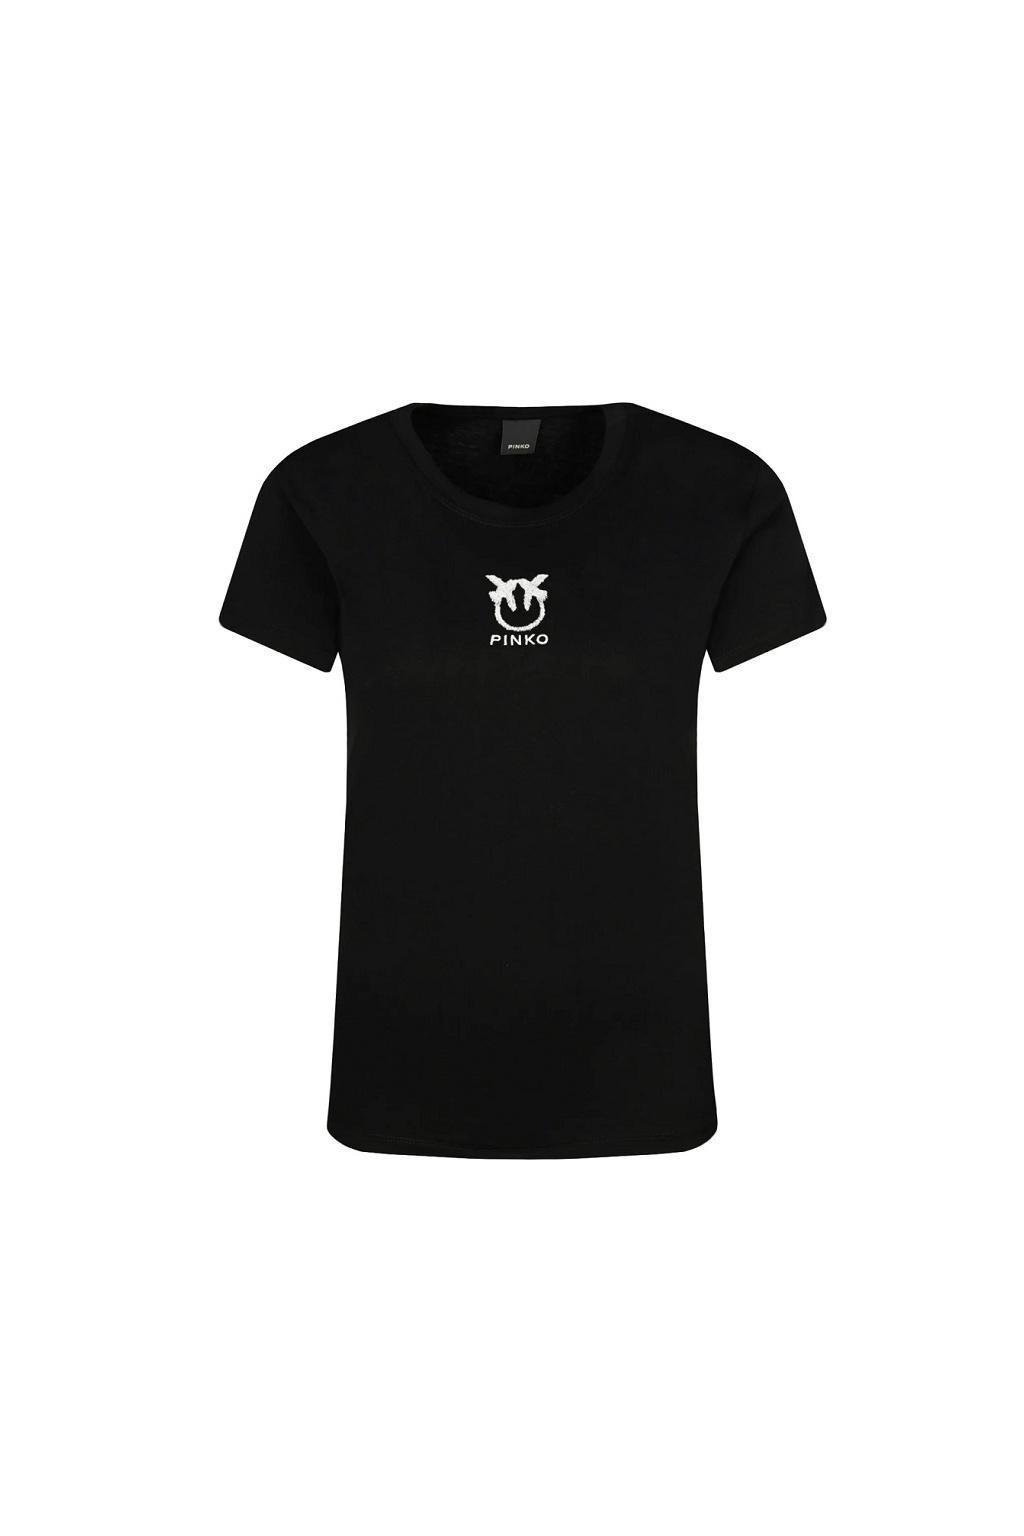 1G1619 Y651 Z99 Dámské tričko Pinko Bussolano 3 černé